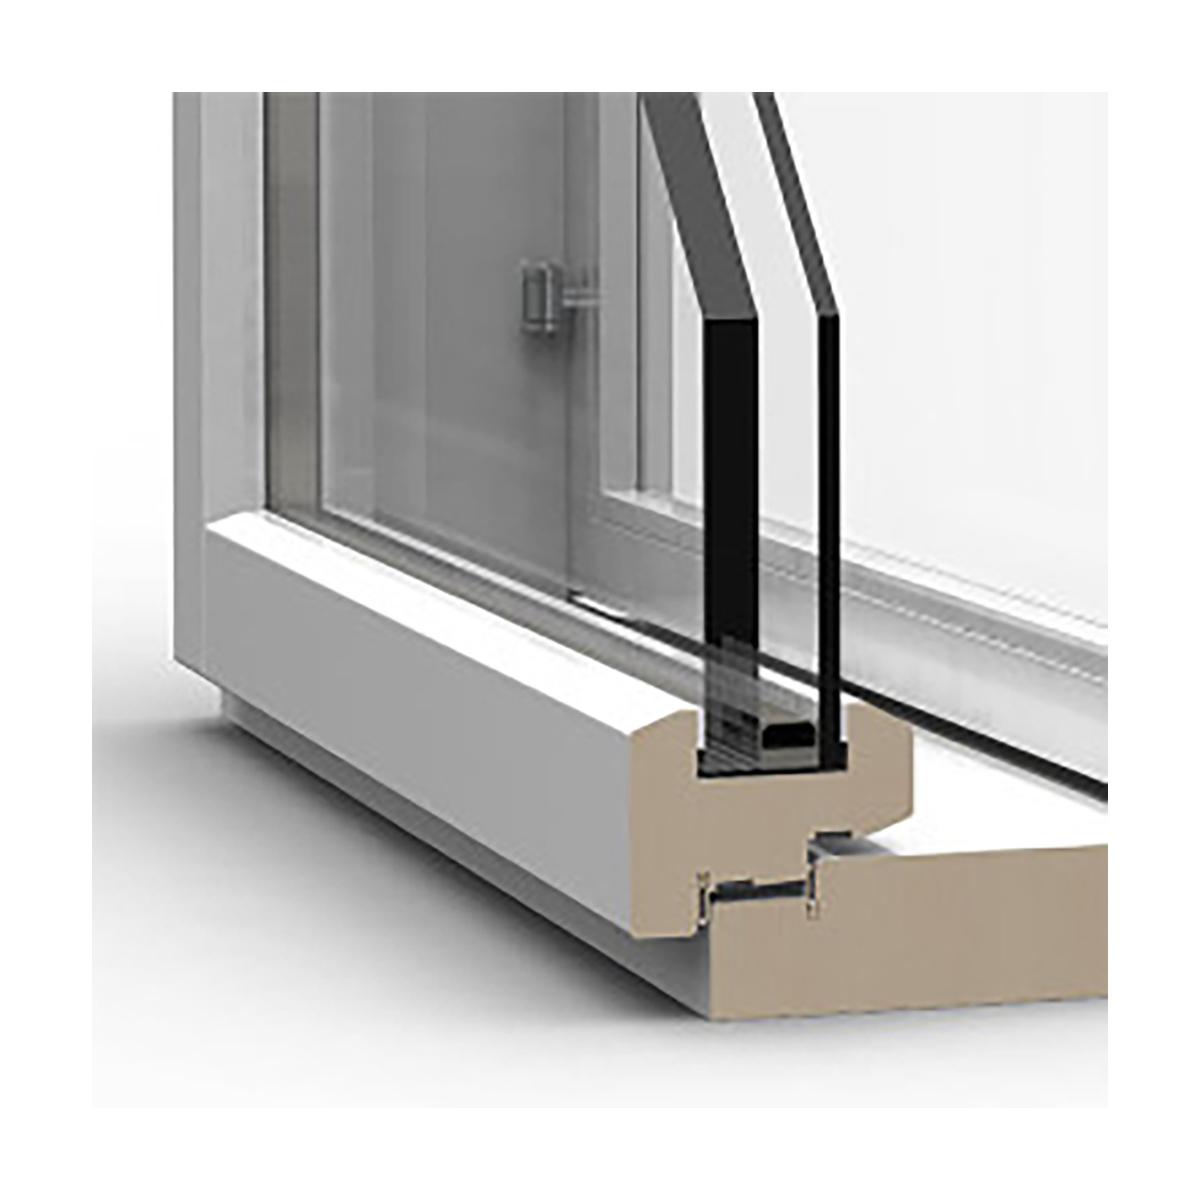 Pihla ikkunat kokemuksia – Rakentaminen talonsa